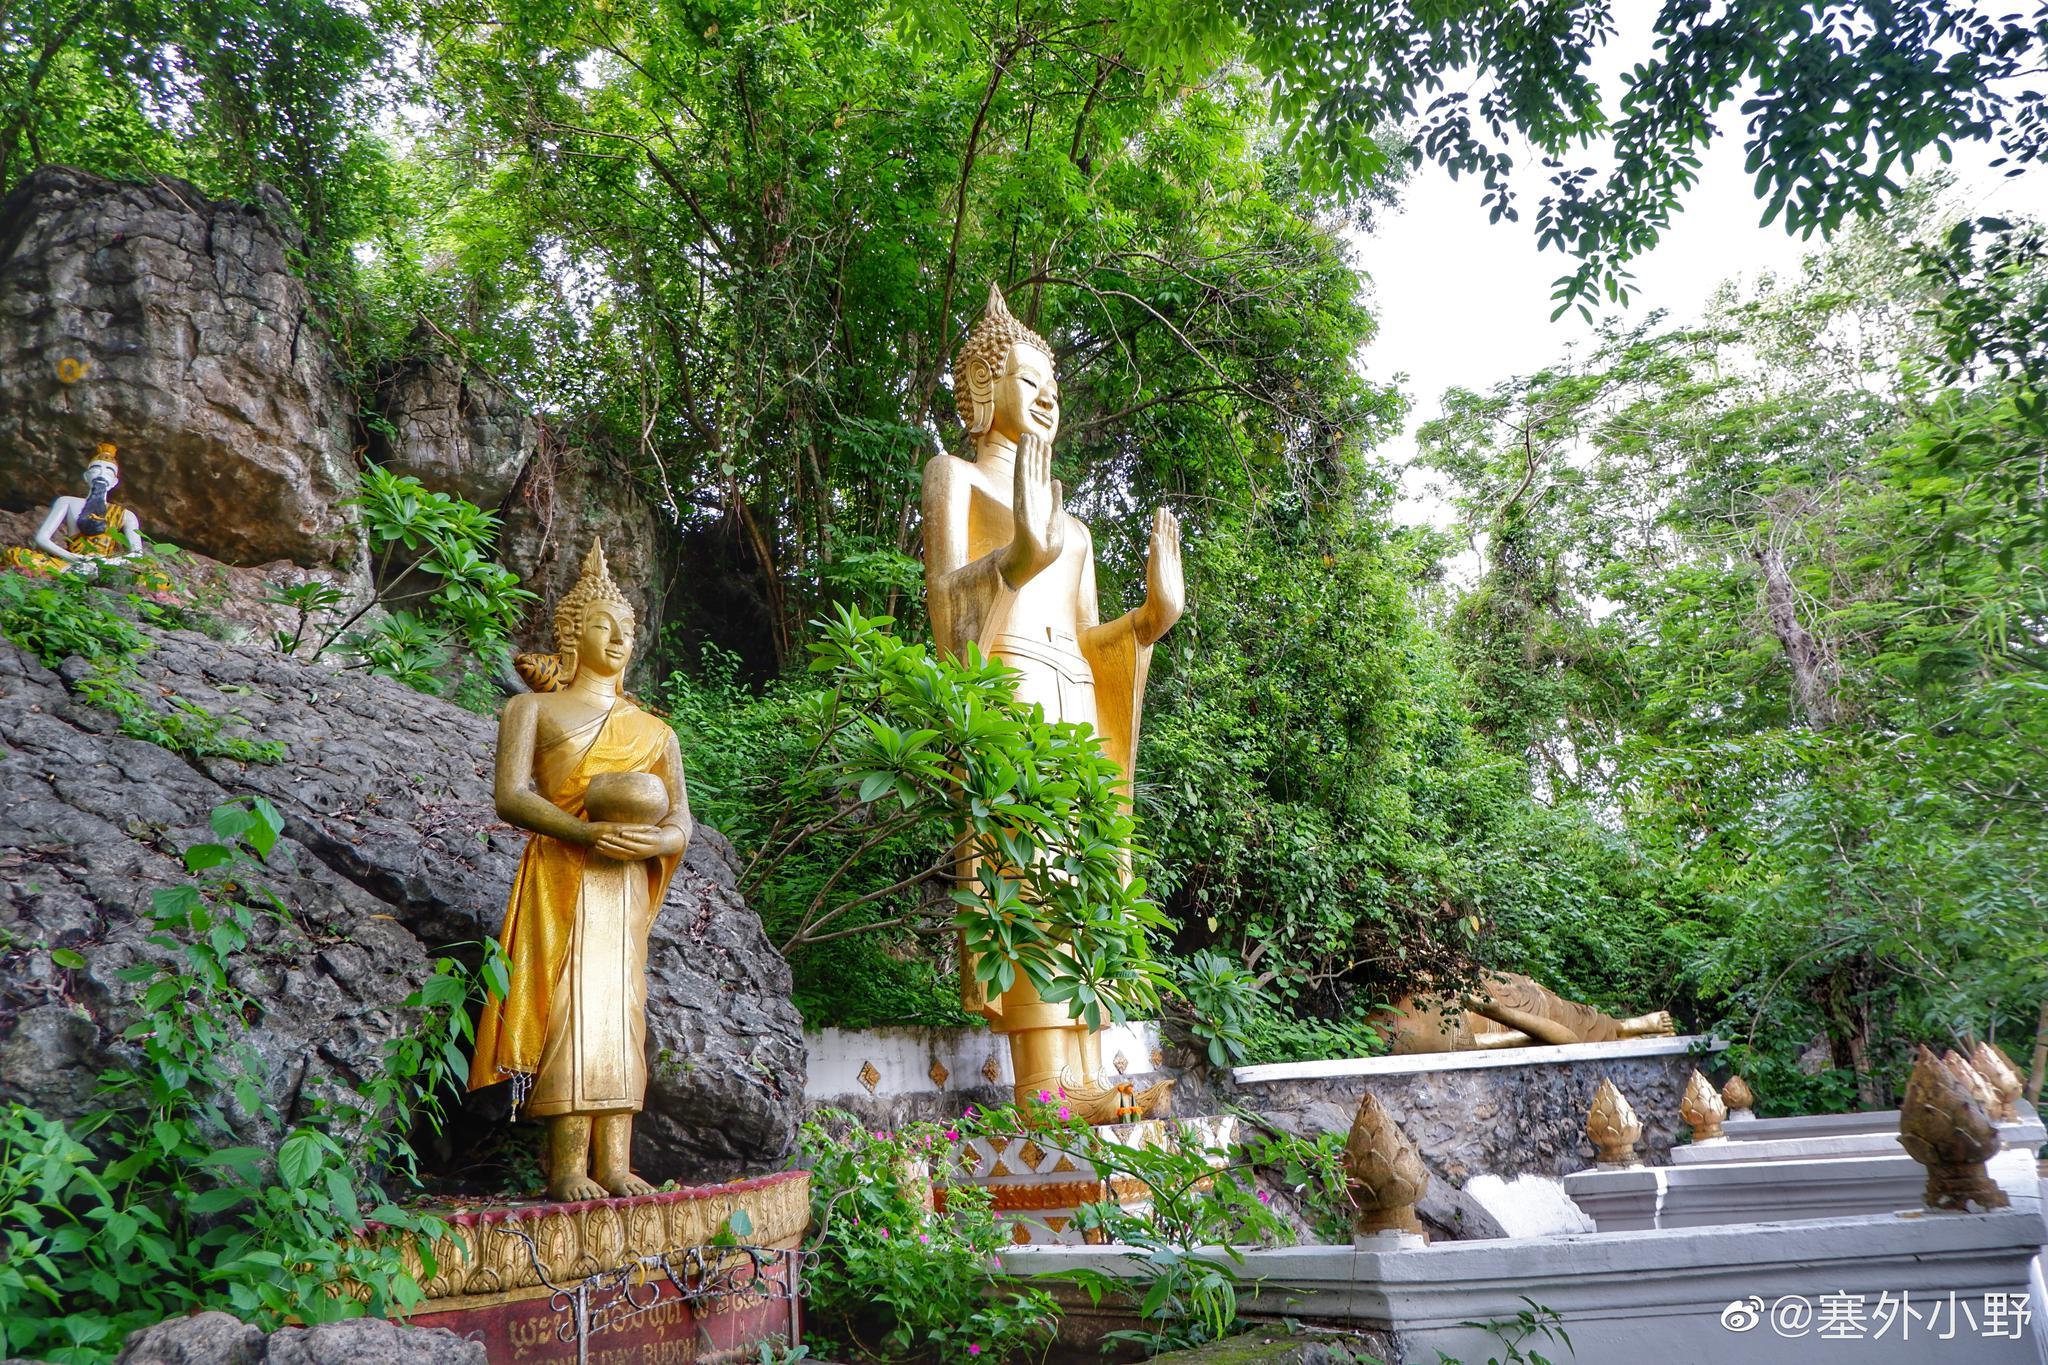 琅勃拉邦浦西山是城中的至高点,这是一座海拔不足200米